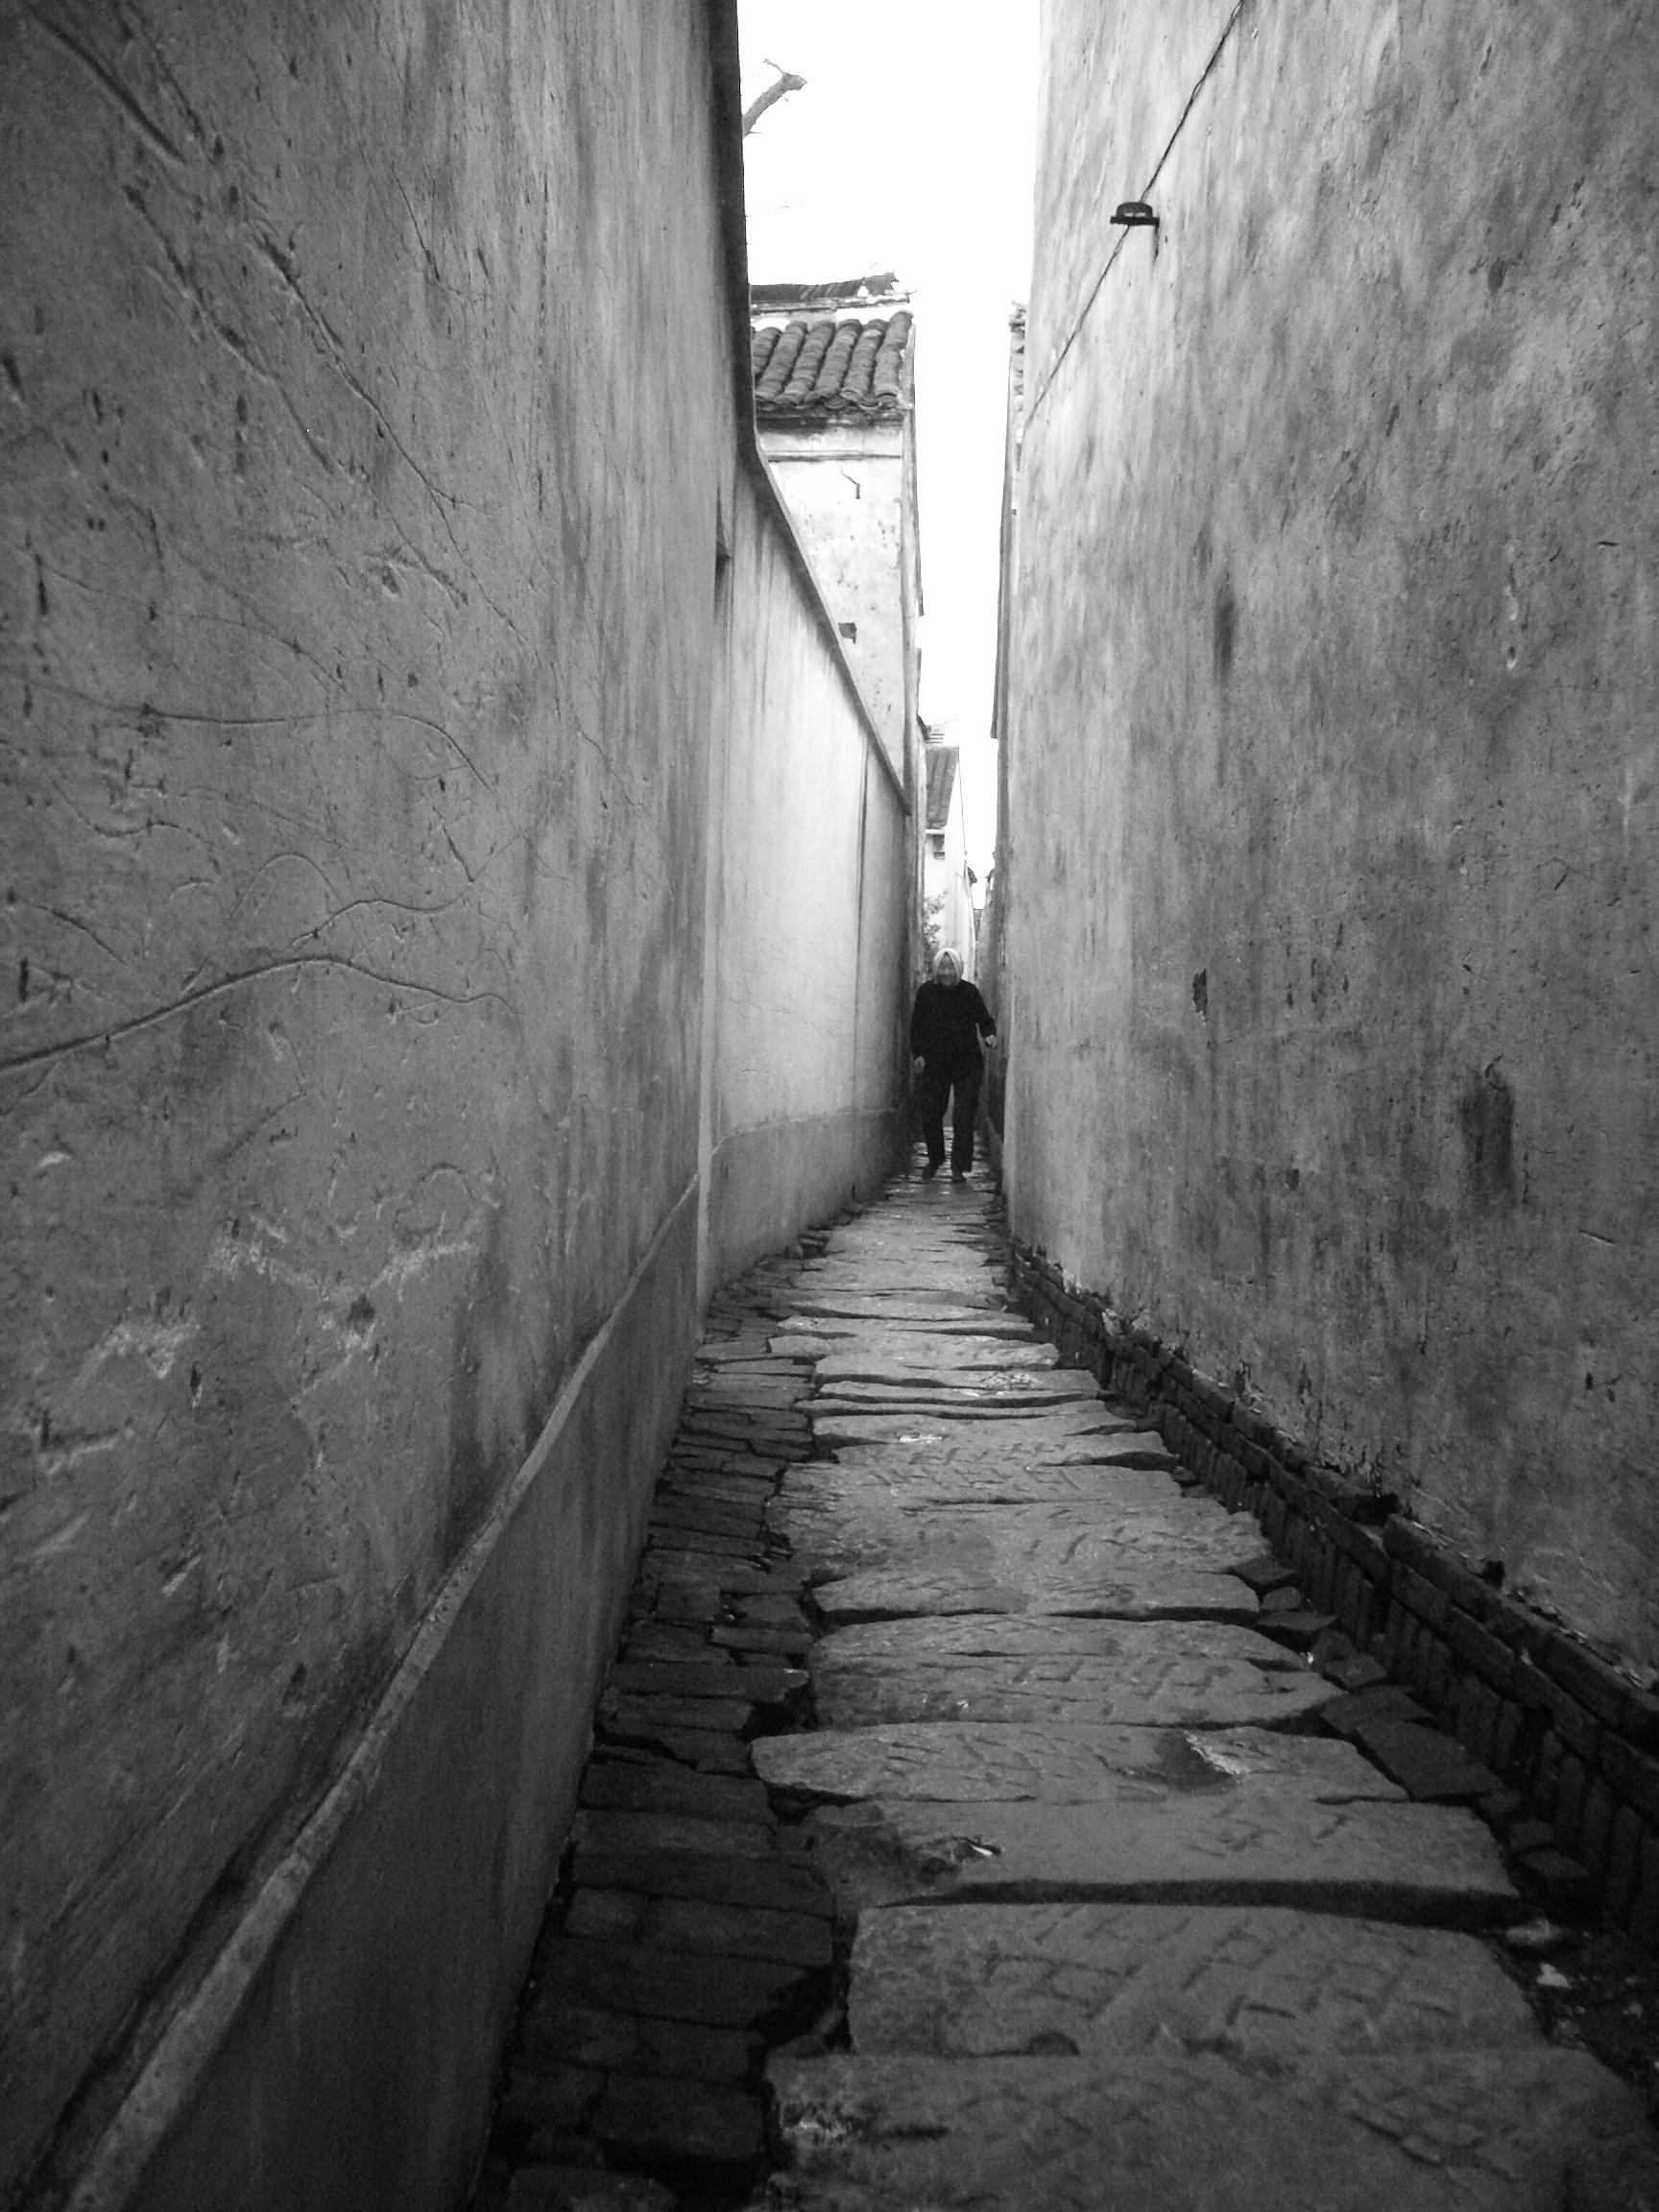 自驾江南古镇之同里高清图片